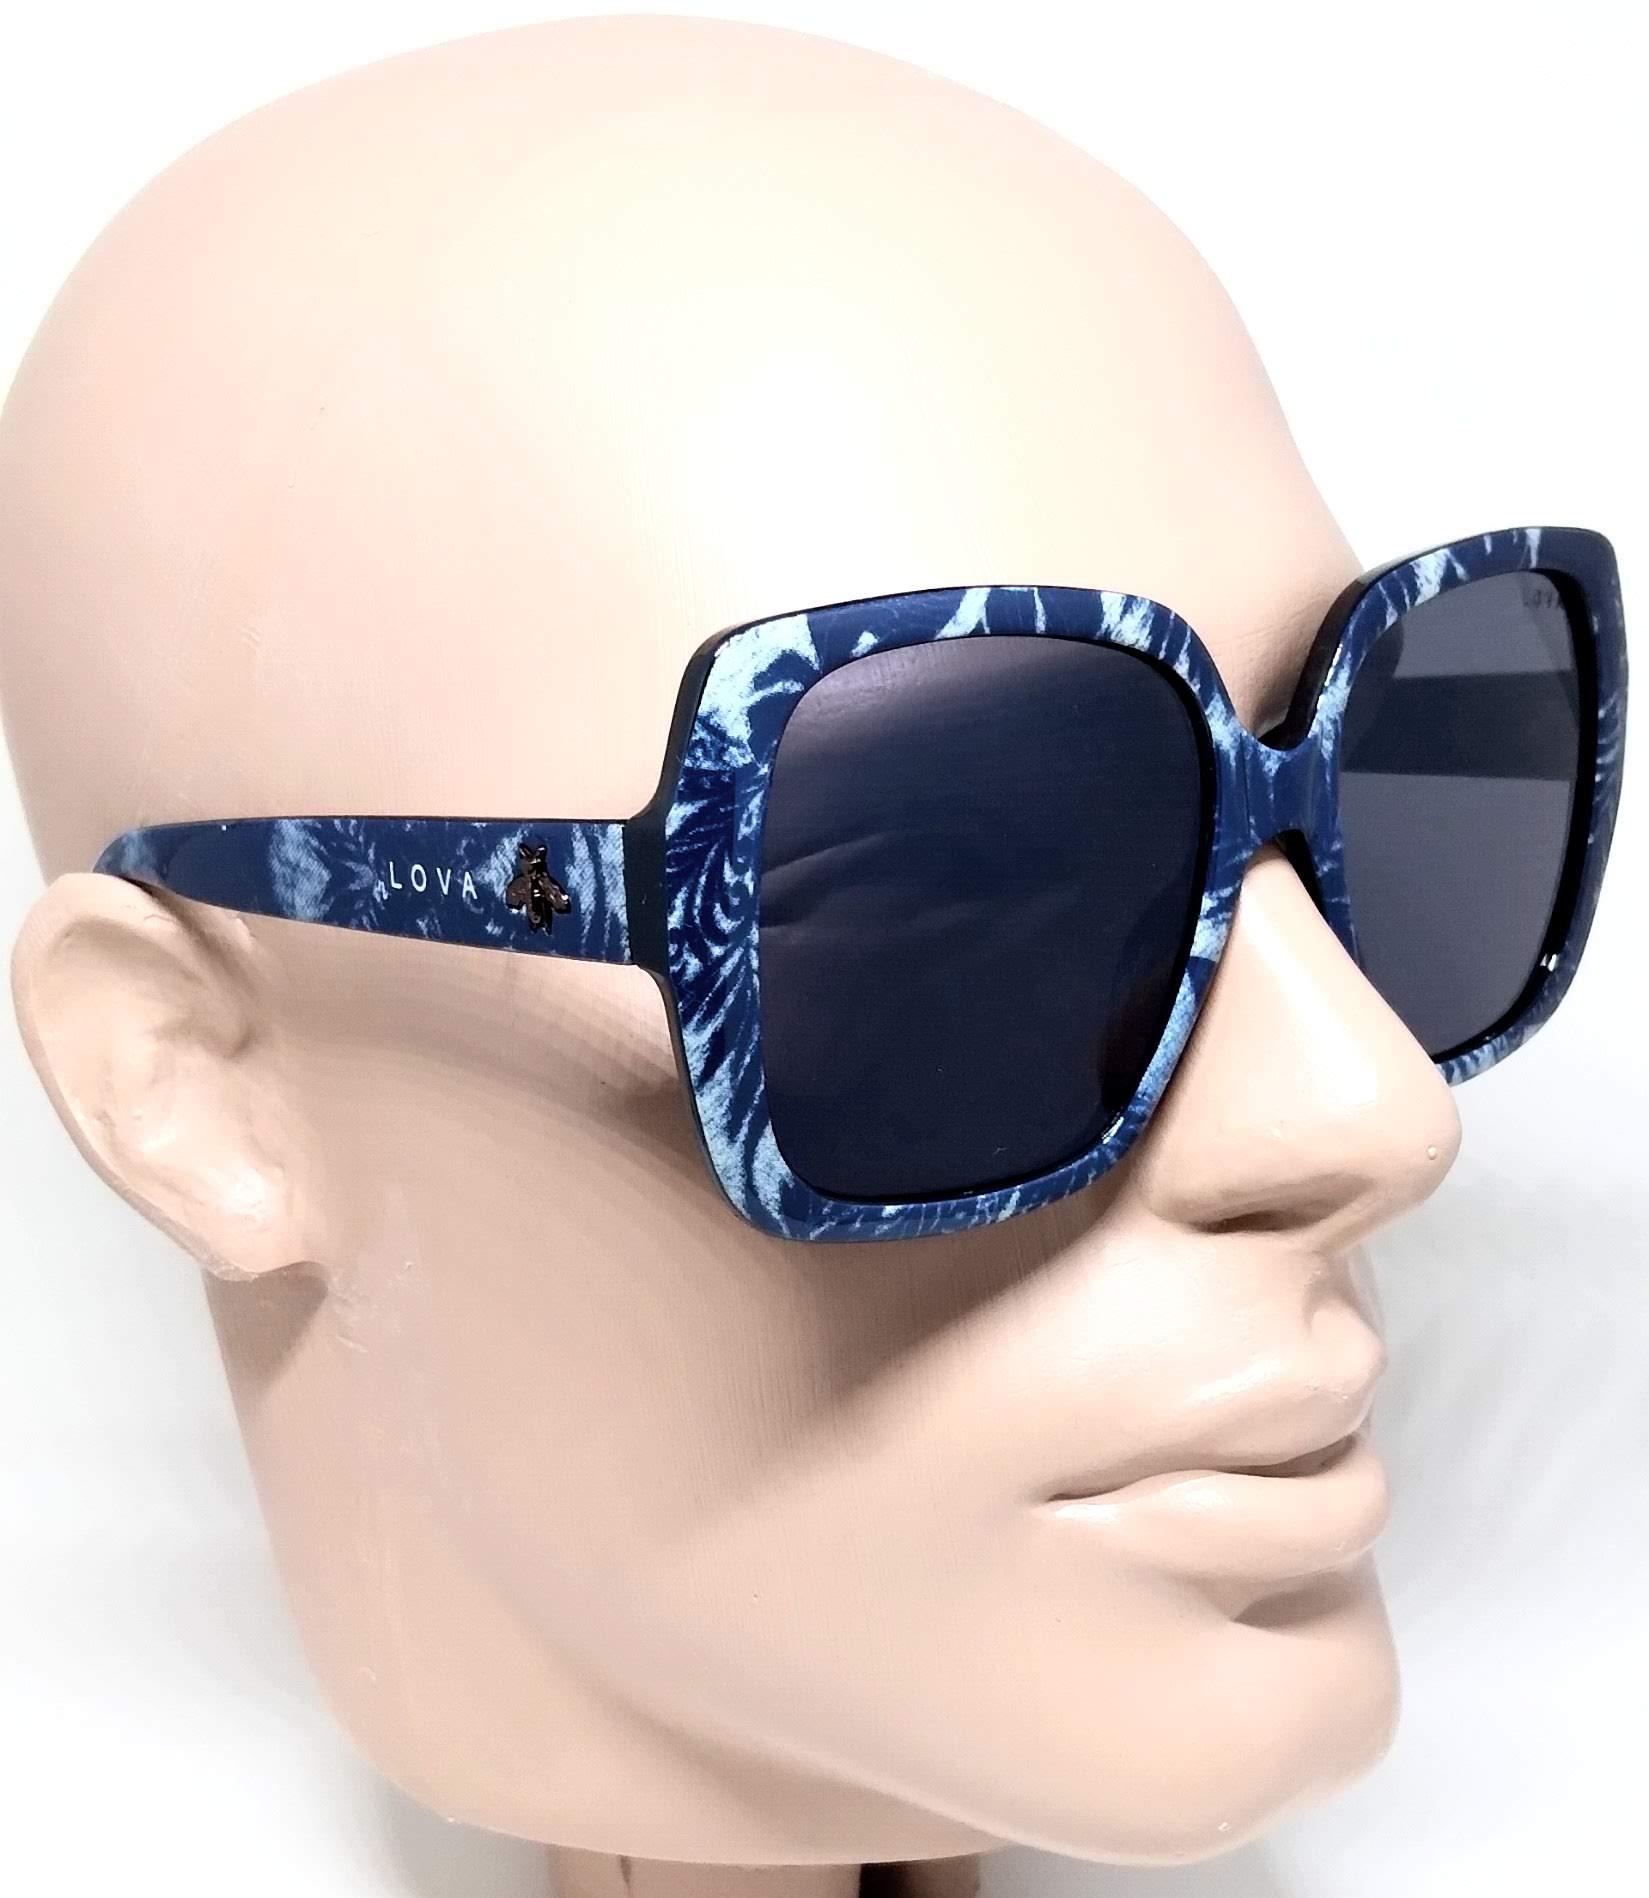 Óculos De Sol Feminino Estampado Beelove Lova Azul